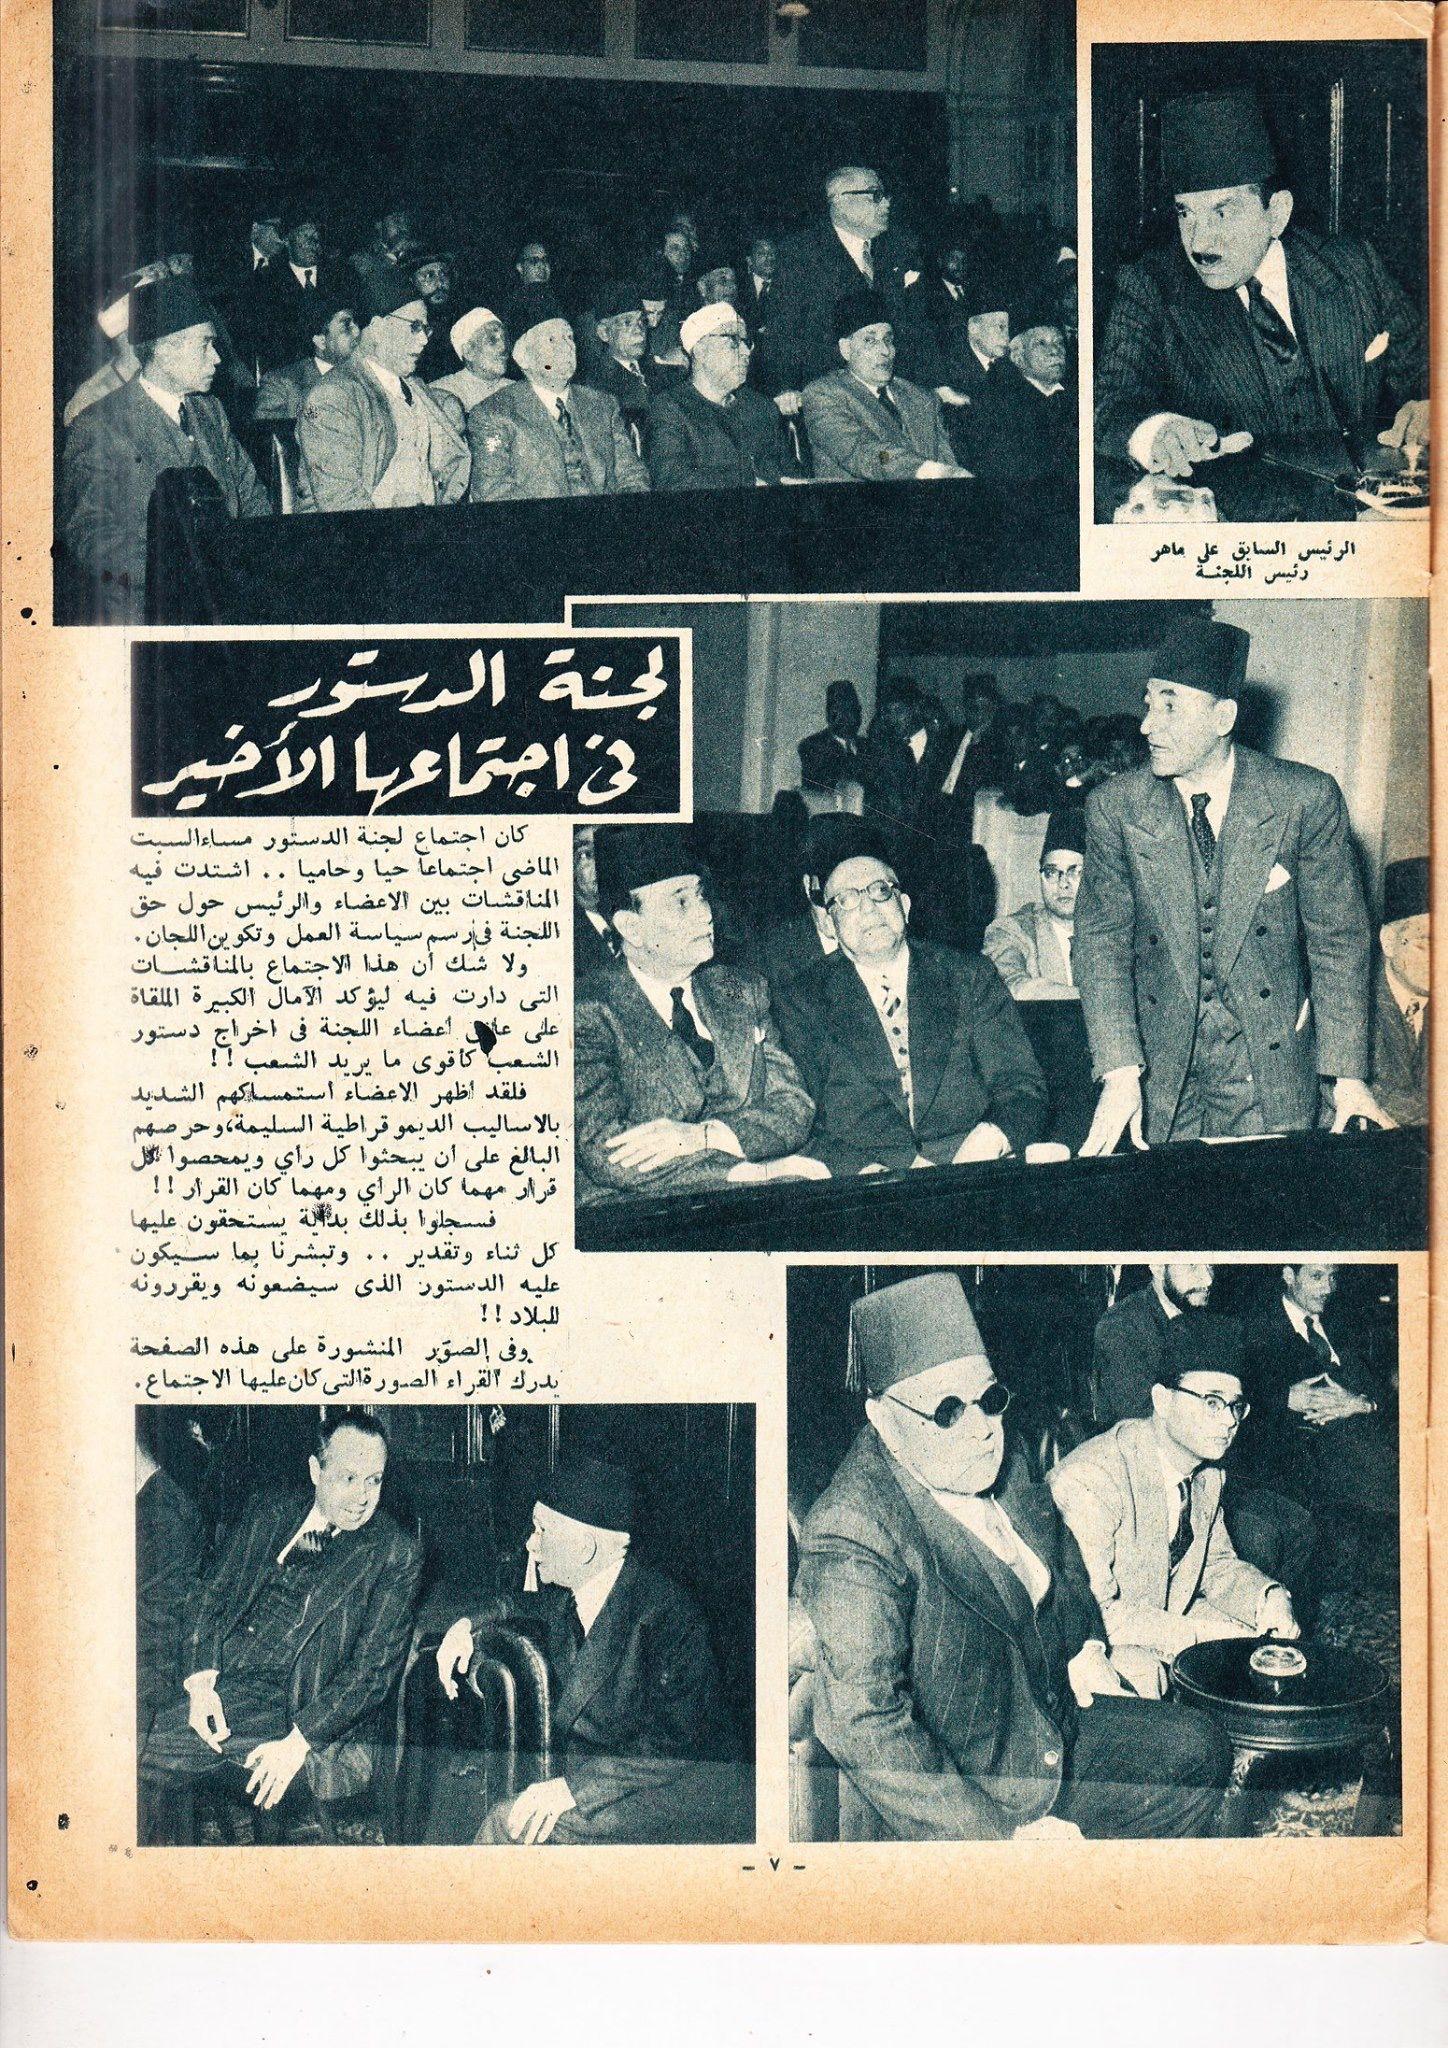 مجلة الاذاعة المصرية Egypt Poster Movie Posters